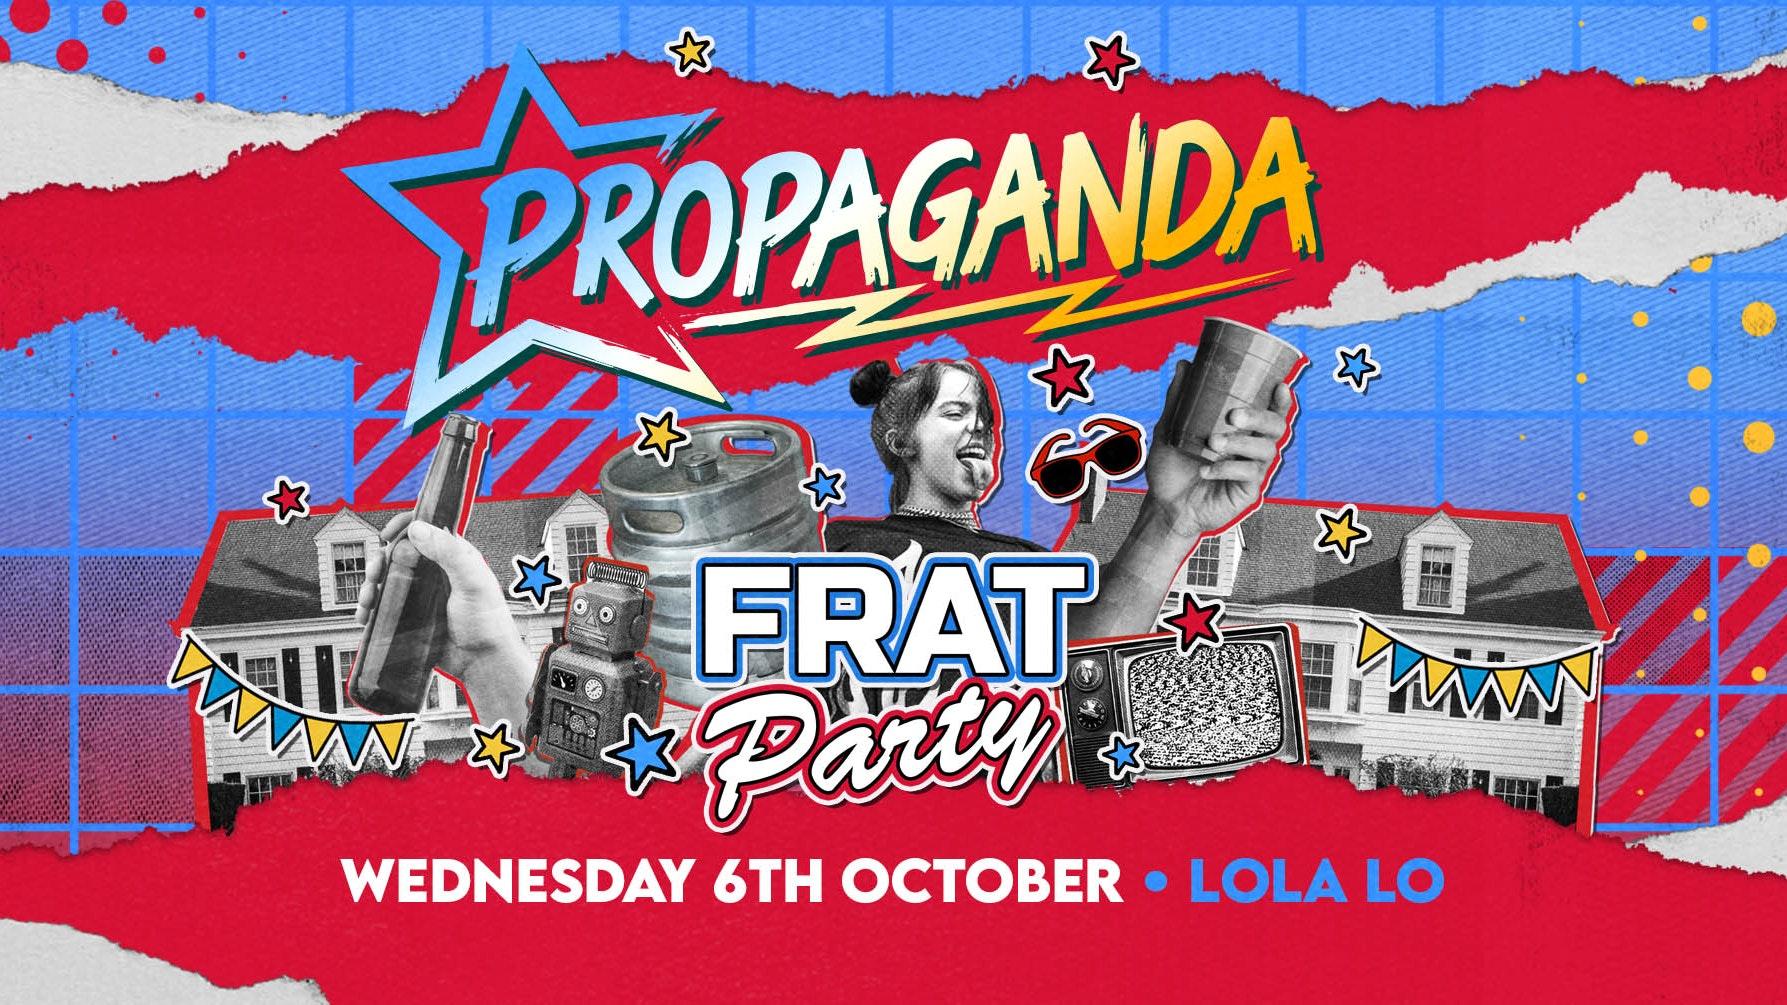 Propaganda Cambridge – Frat Party at Lola Lo!